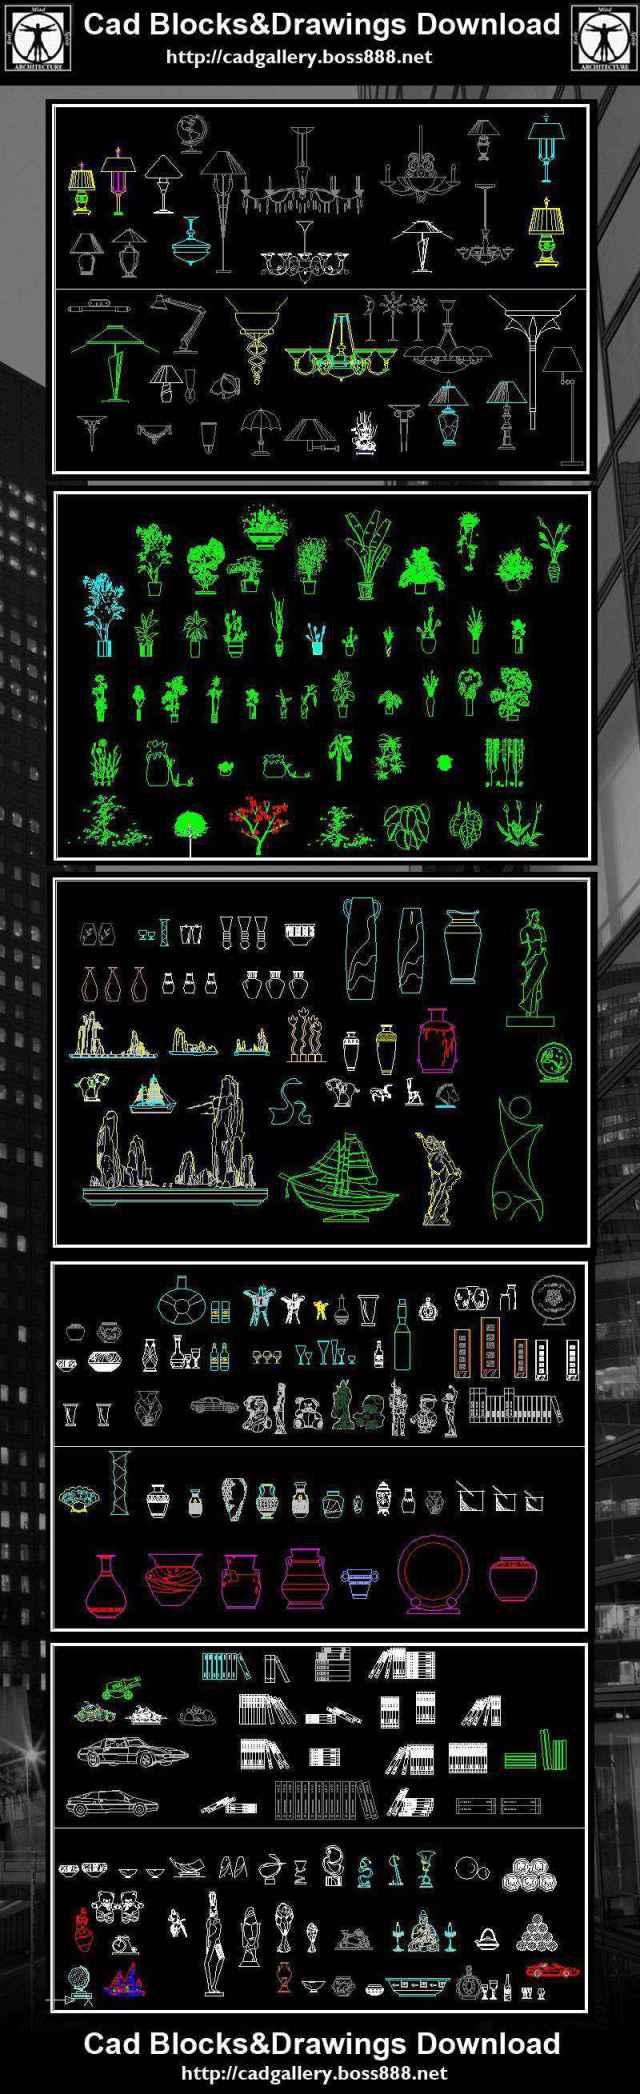 chandle sticks, clocks, fireplaces, plants, pots, vases